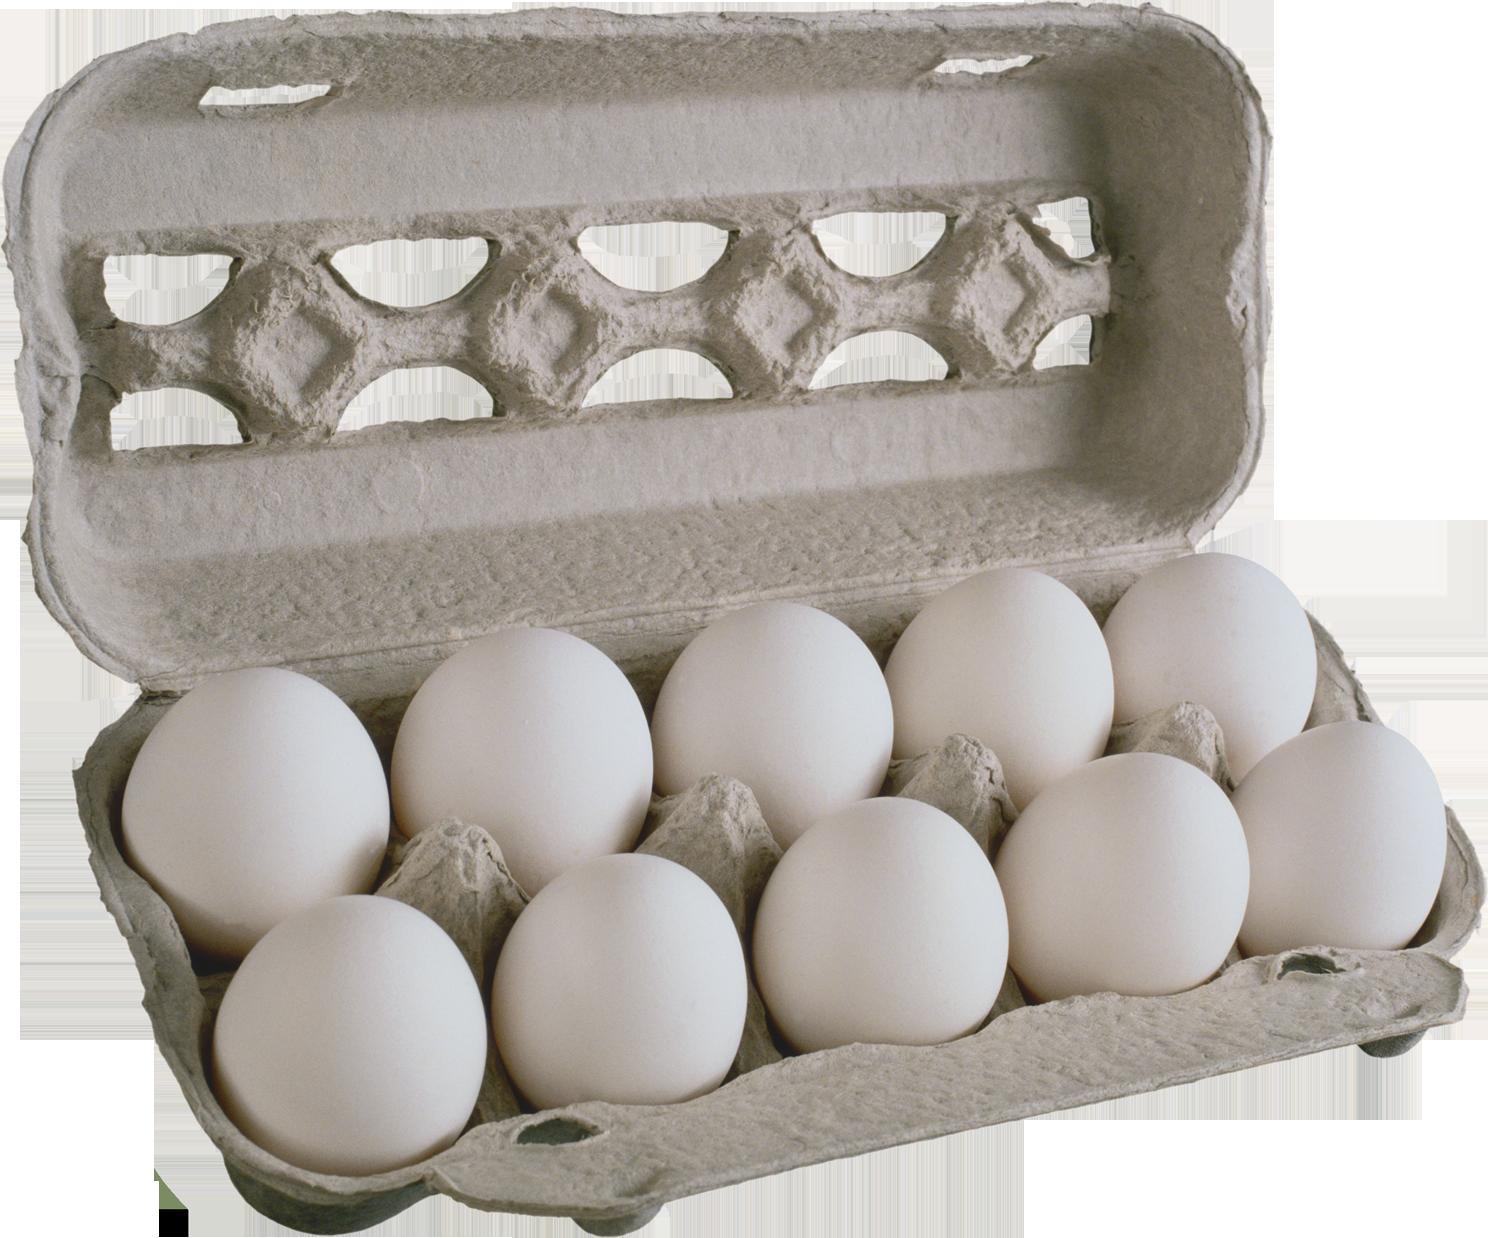 Куриные яйца: польза и вред, калорийность, виды, состав и срок годности